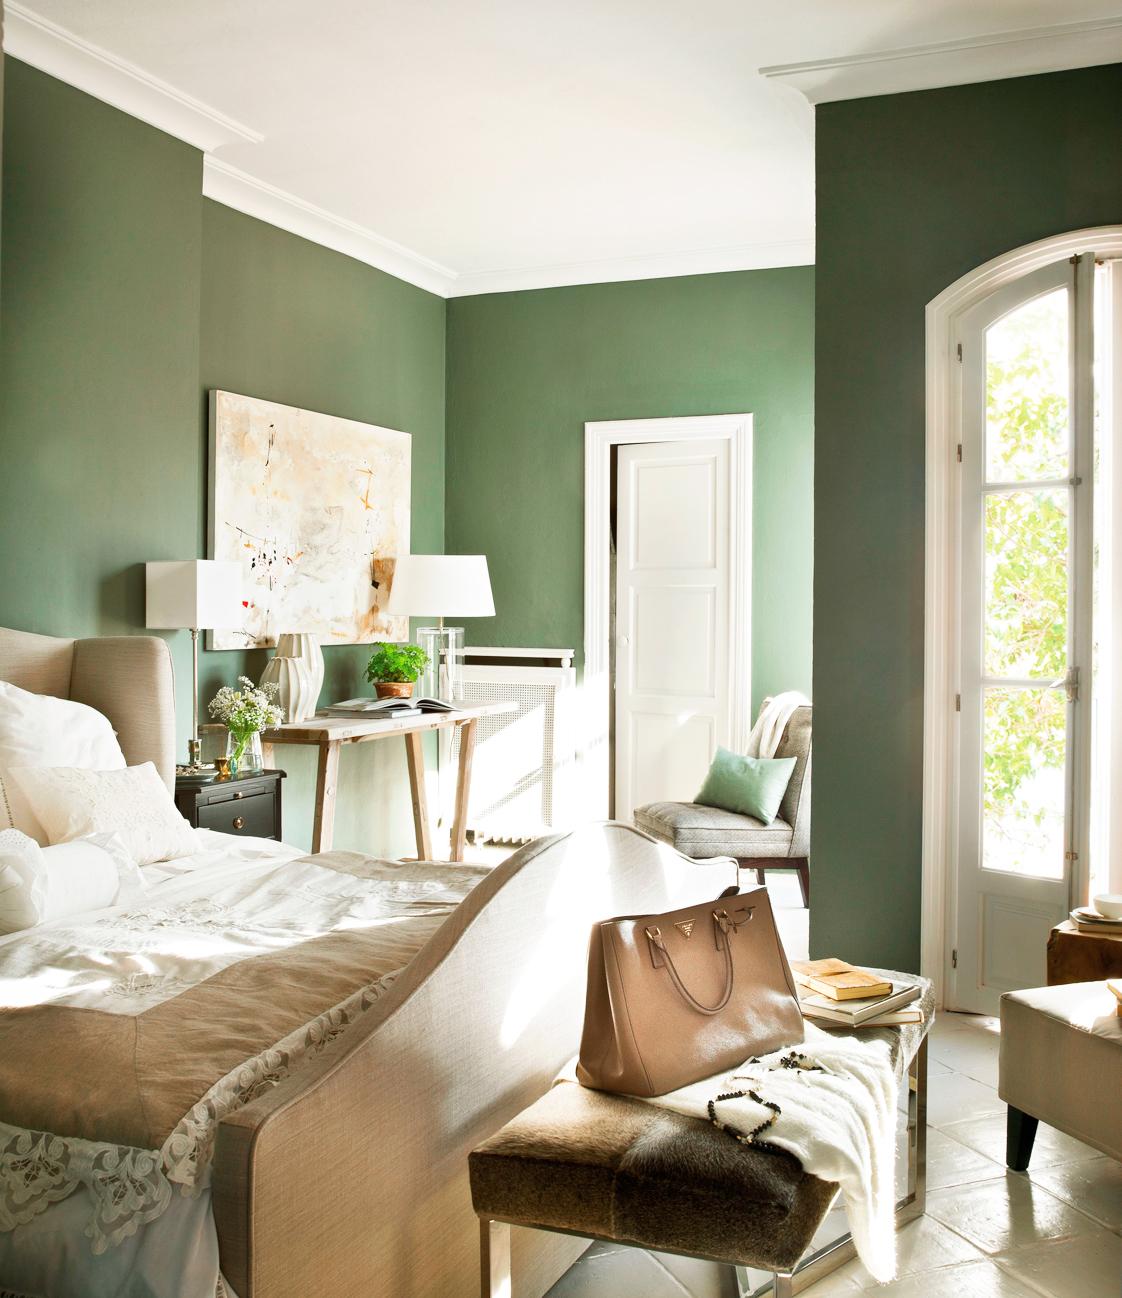 C mo elegir el color para tu casa - Dormitorio verde ...